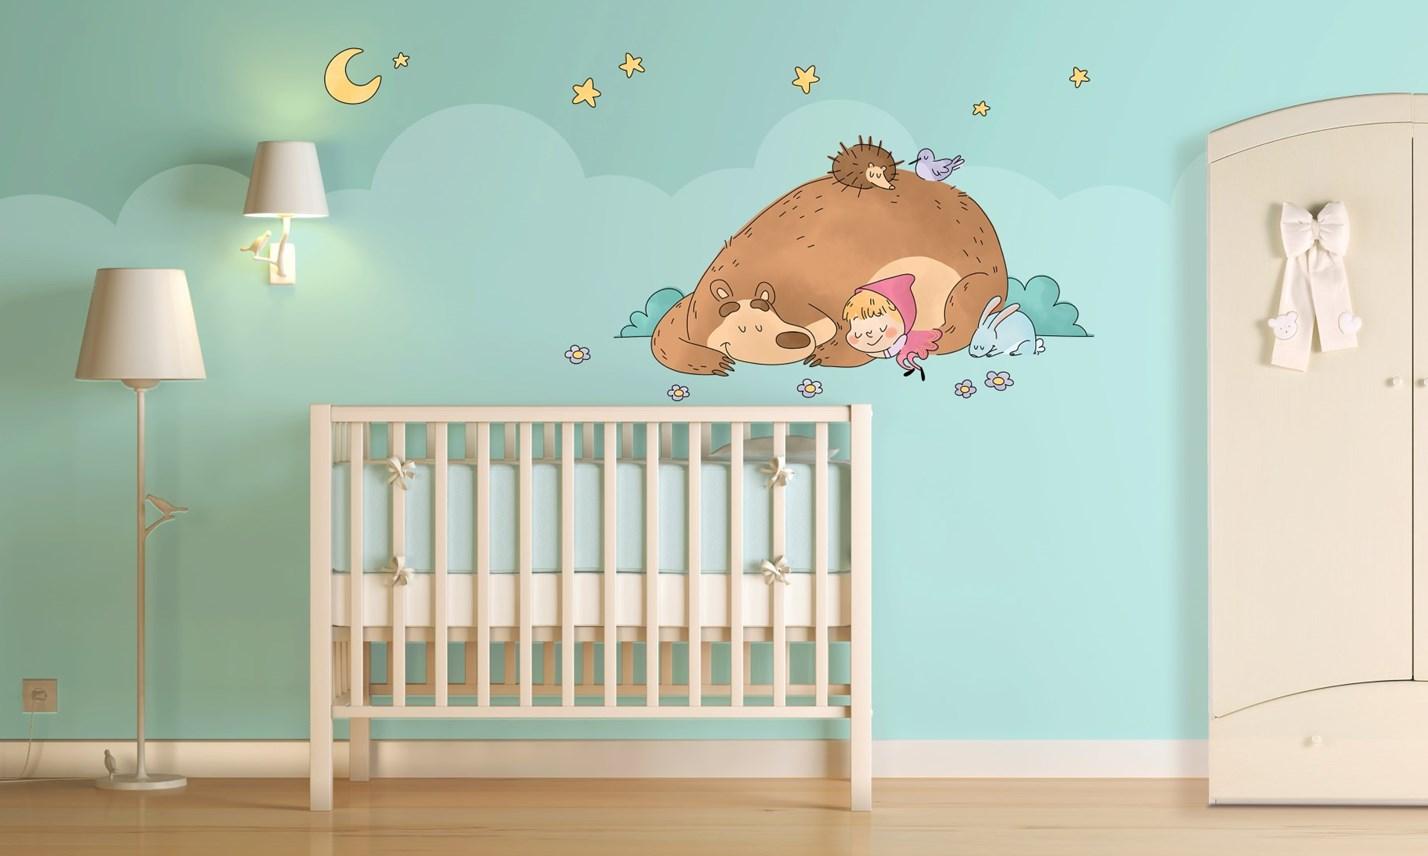 Dipinti Murali Per Camerette stickers murali bambini - cameretta masha e orso | leostickers